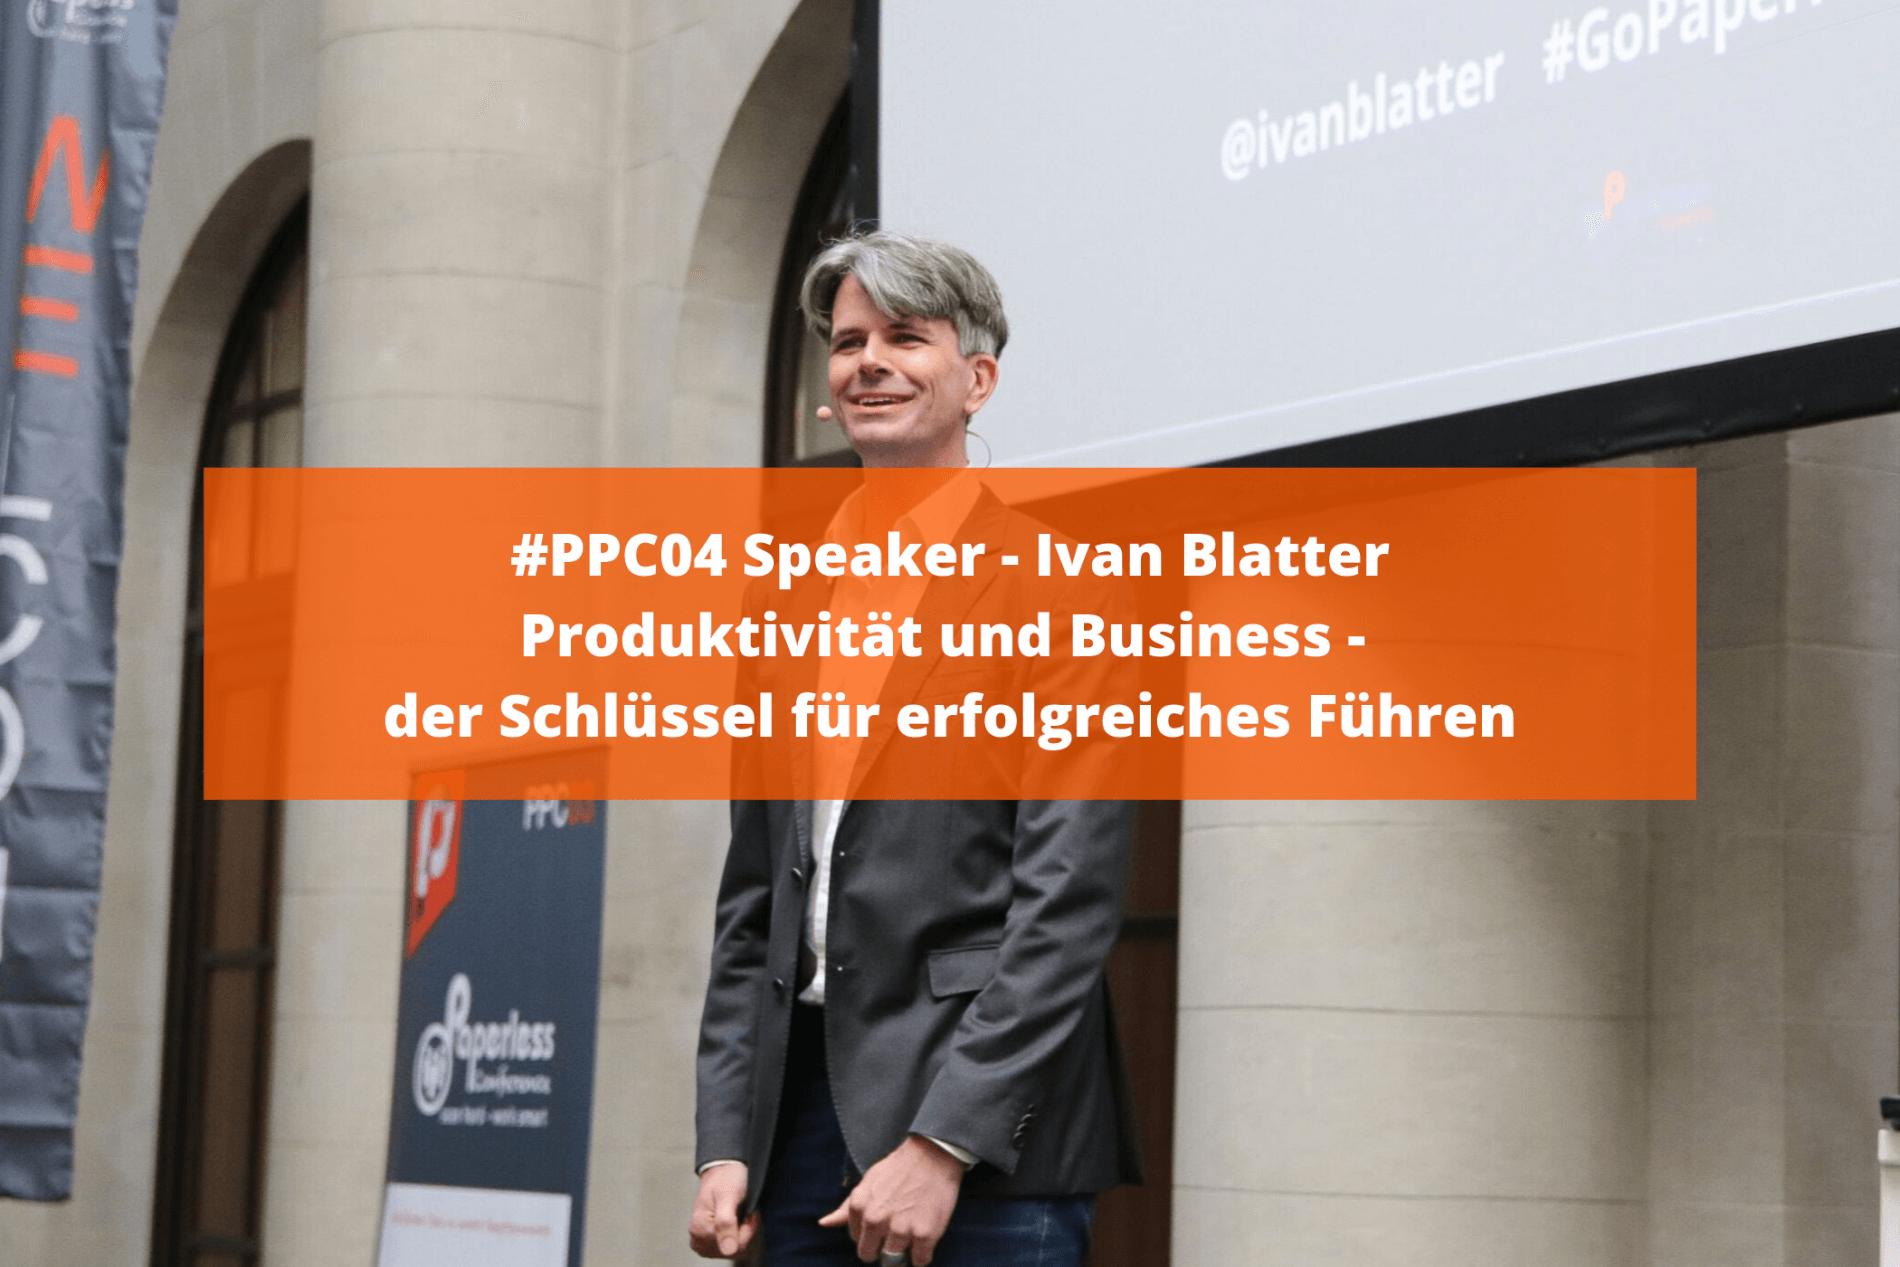 Produktivität und Business - der Schlüssel für erfolgreiches Führen - Interview mit Ivan Blatter